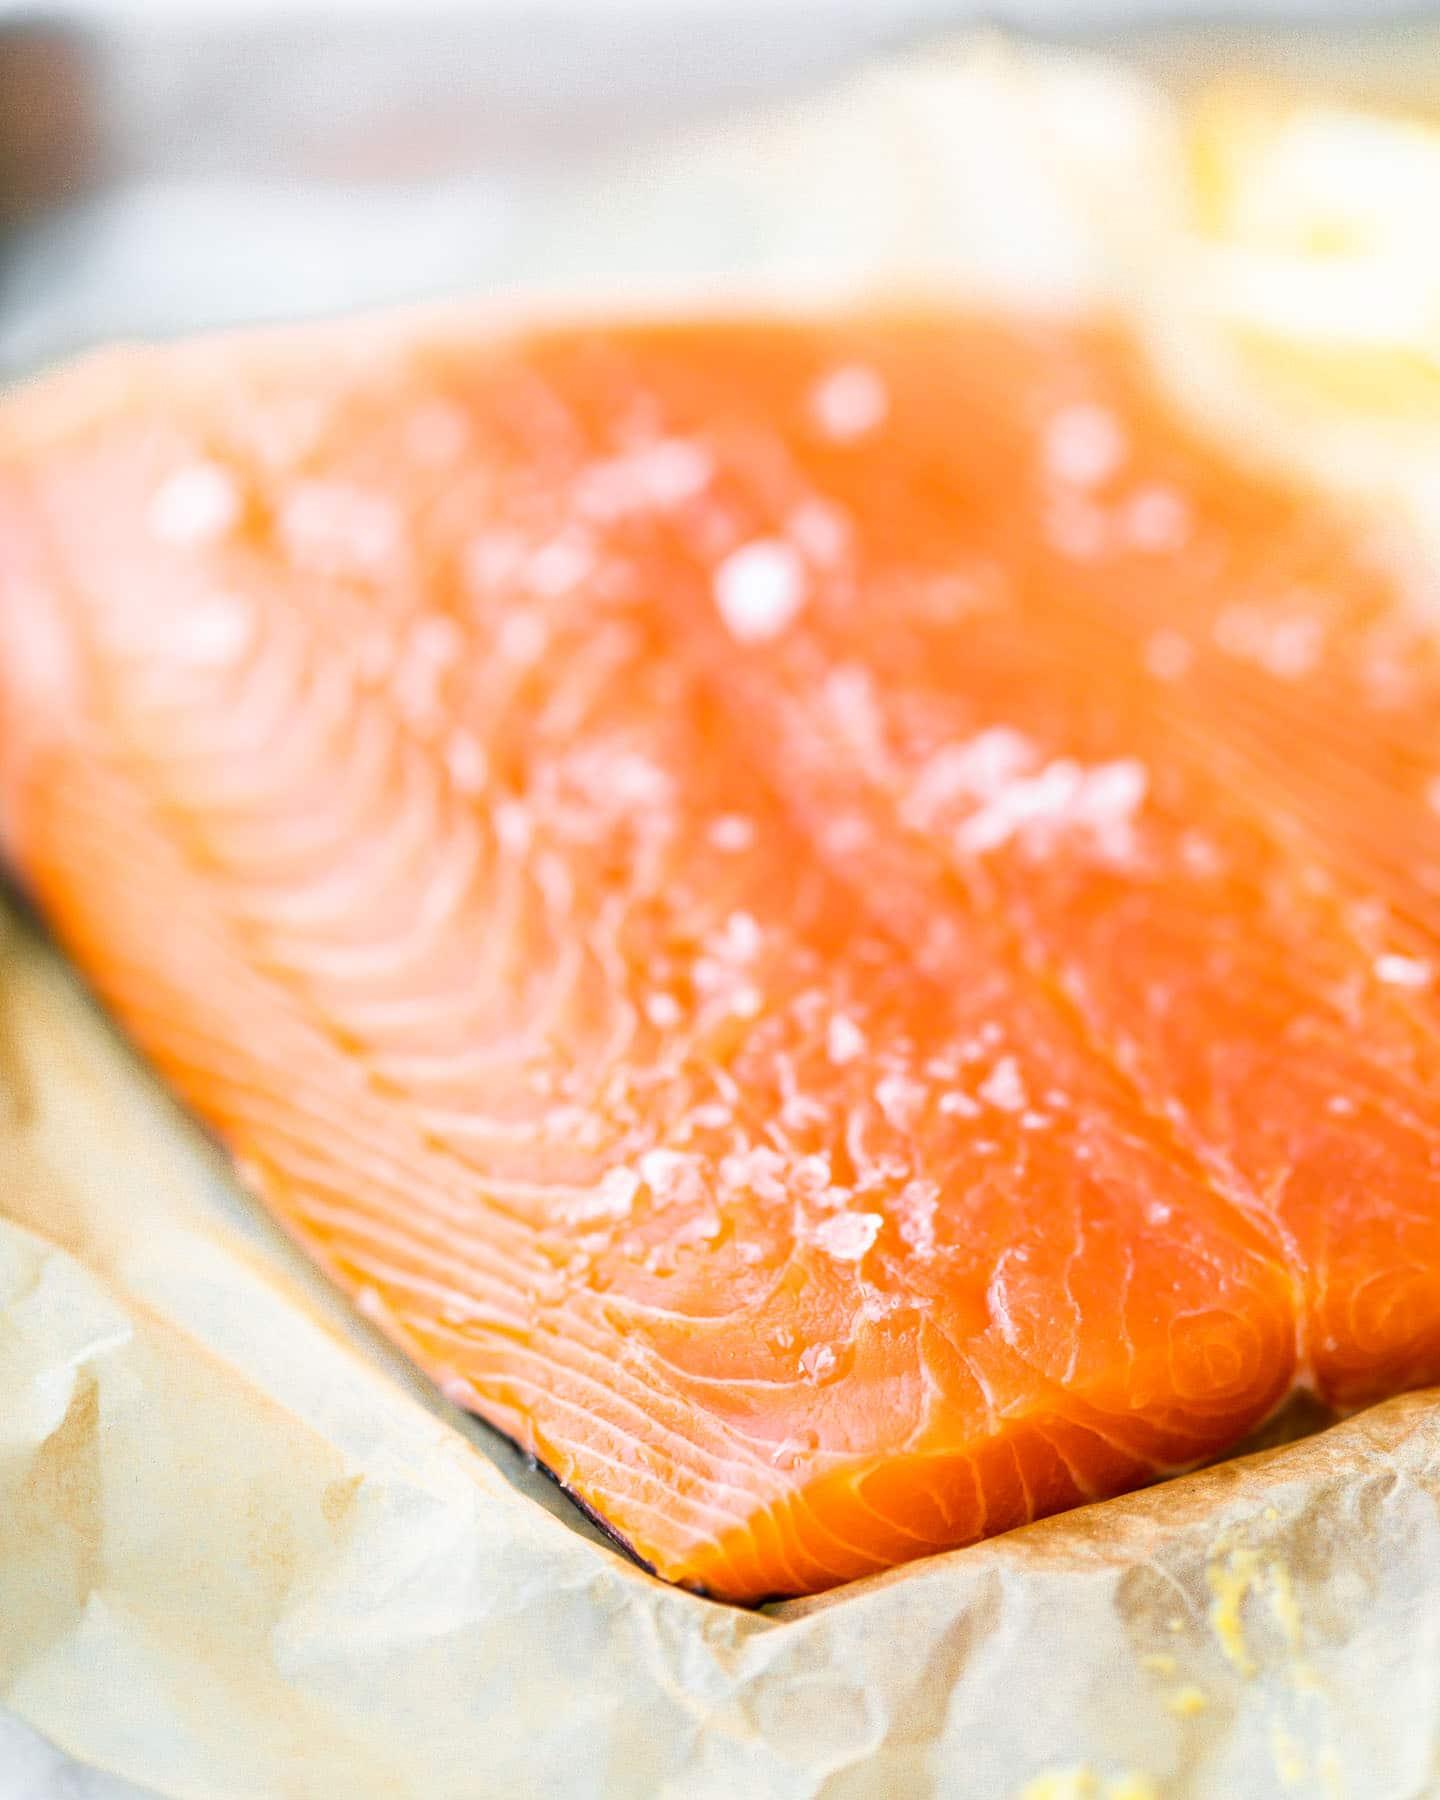 closeup: raw salmon fillet